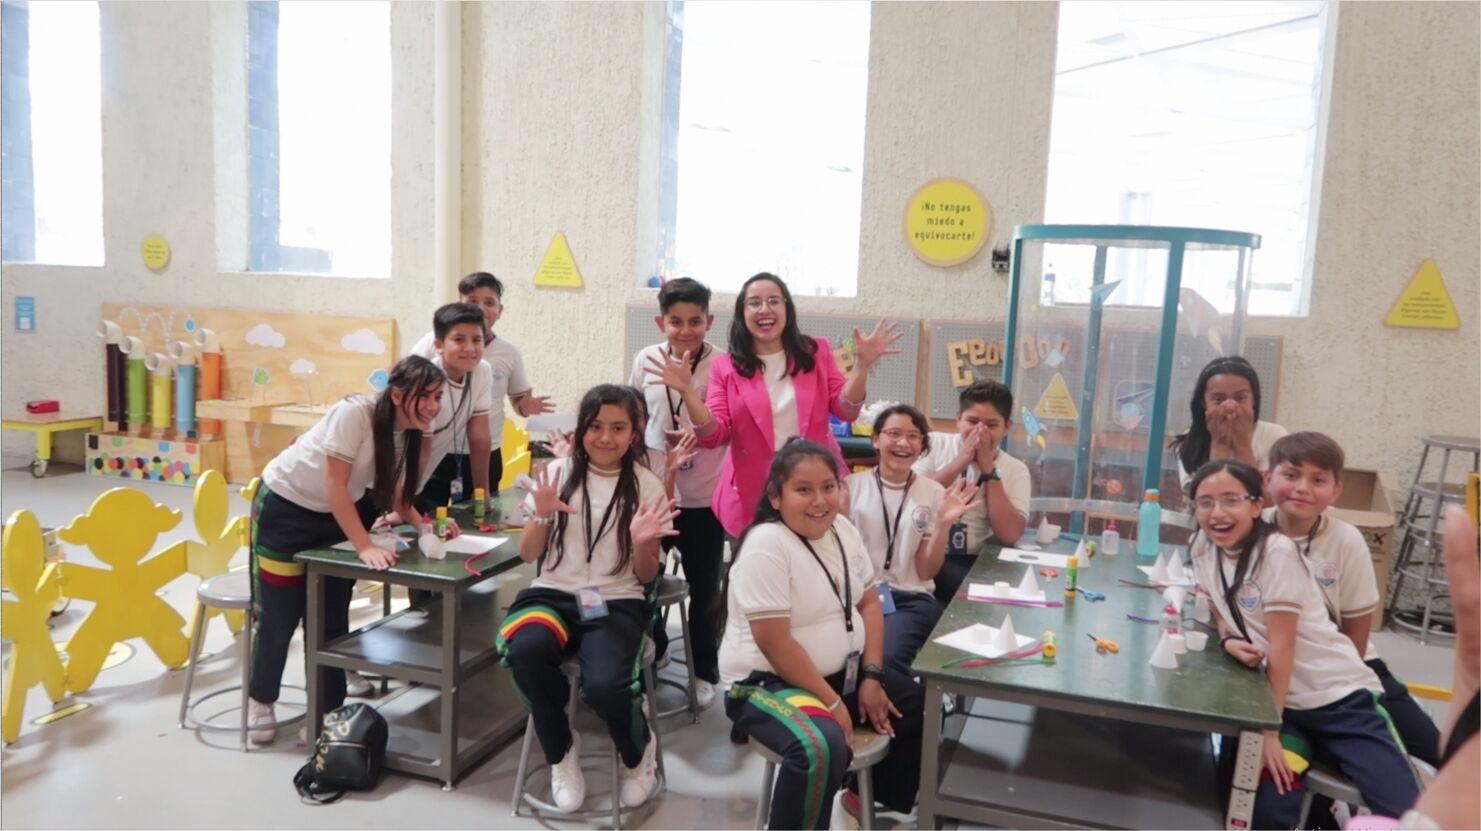 Tuve una sesión de fotos en el Papalote Museo del Niño, pude platicar con ustedes Crafters y tomarme fotos | I did a photo shoot in the Papalote Museo del Niño, I could talk with you crafters and take pictures.